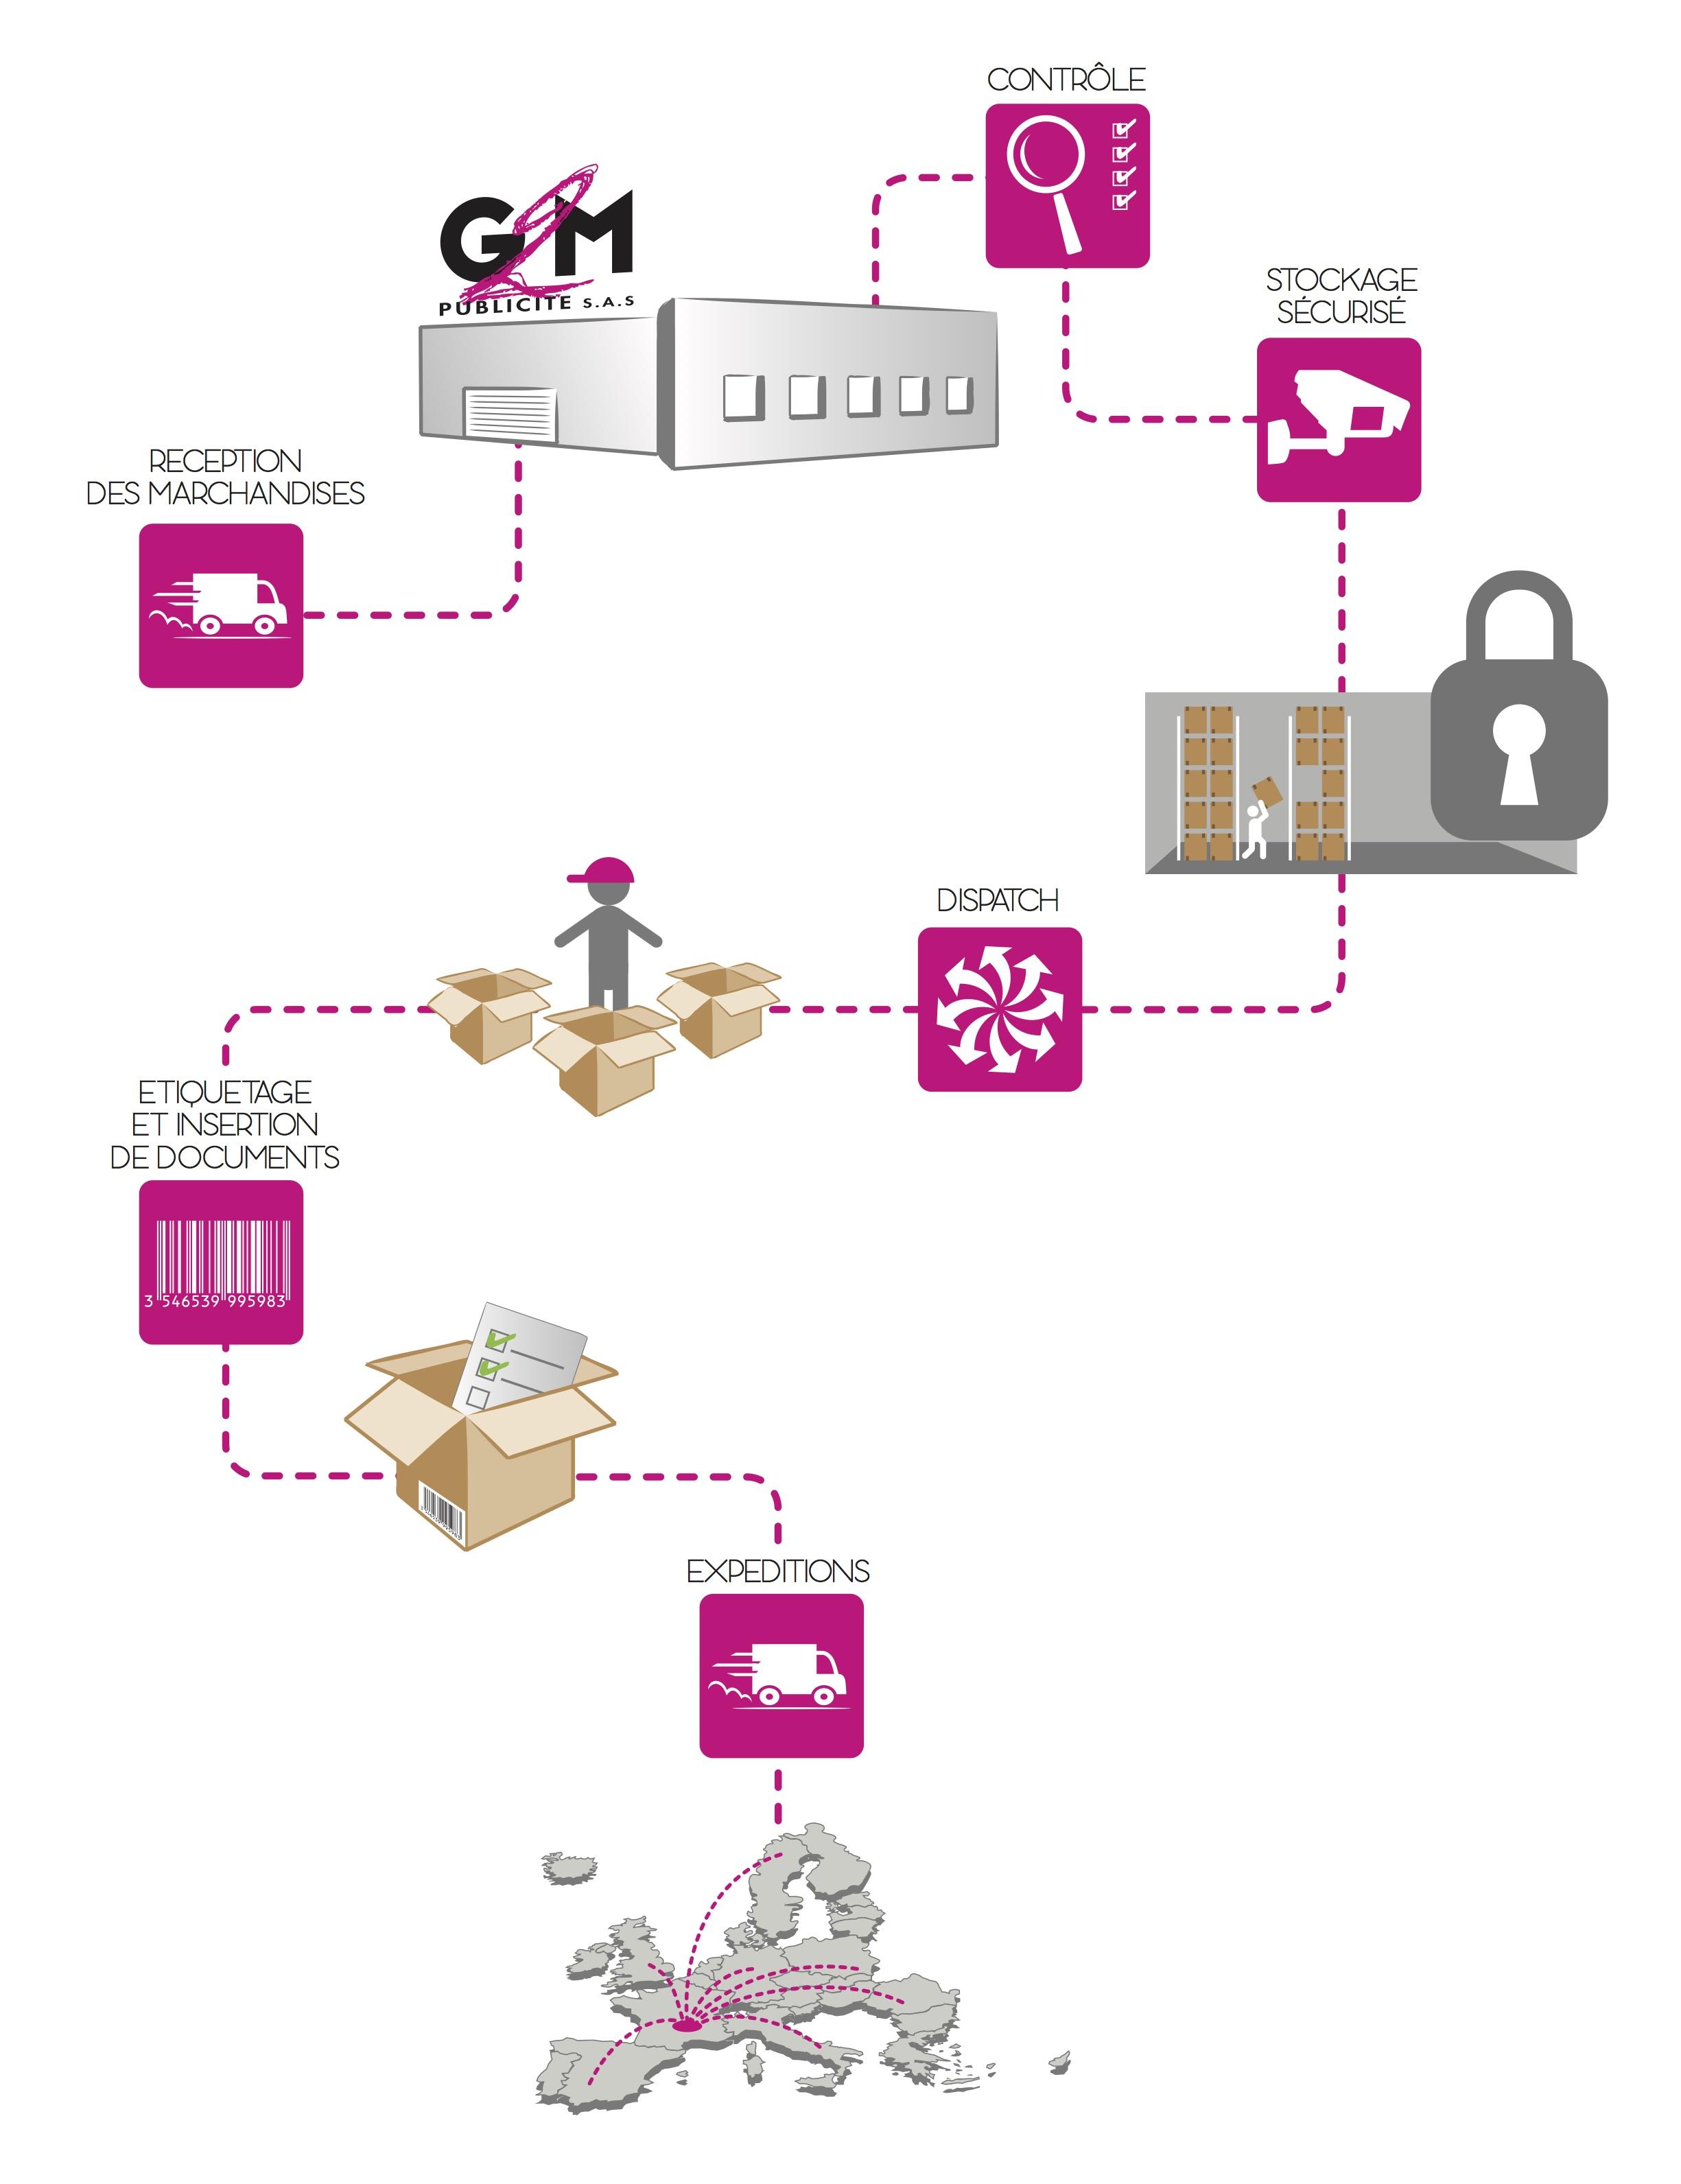 G2M vous propose des solutions de stockage et de logistique complète pour vos commandes d'objets publicitaires personnalisés